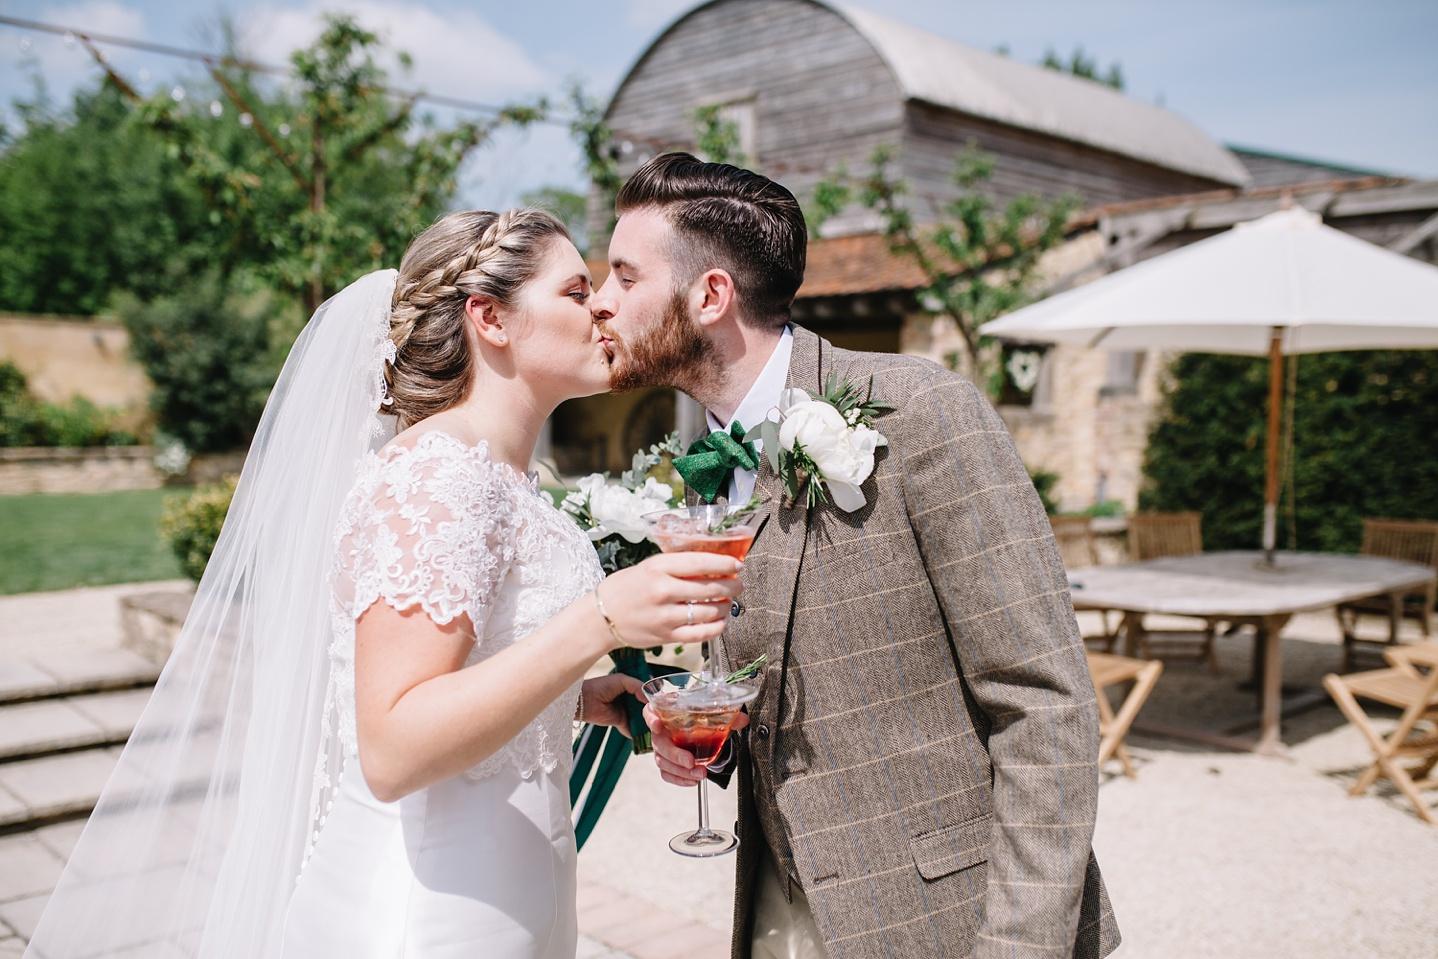 Oxleaze-Barn-Wedding-Photographer_0060.jpg